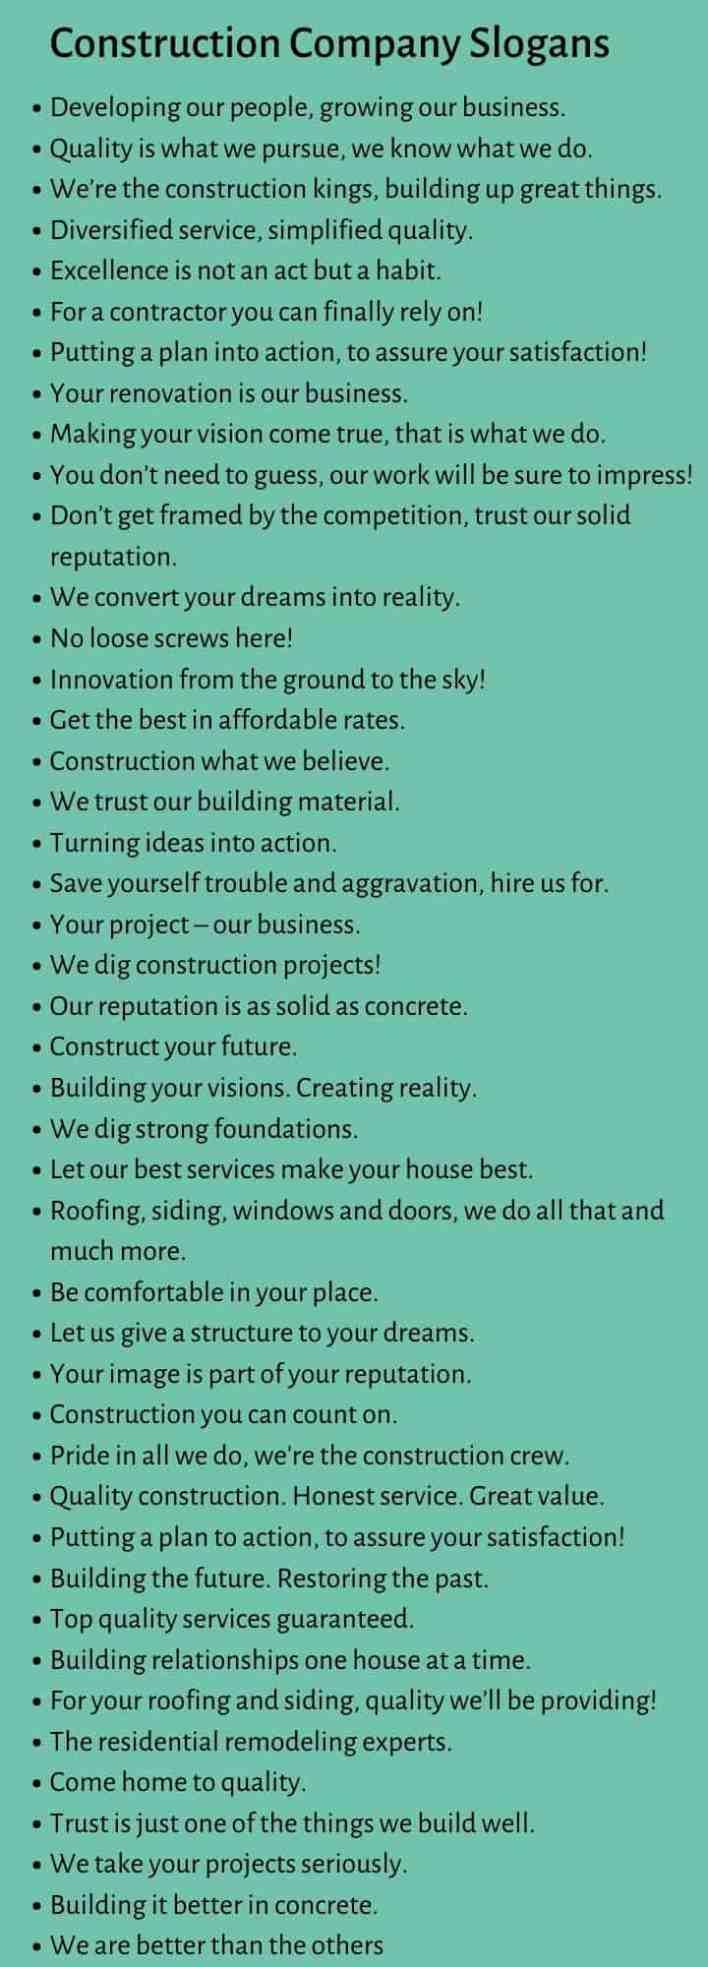 Construction Company Slogans